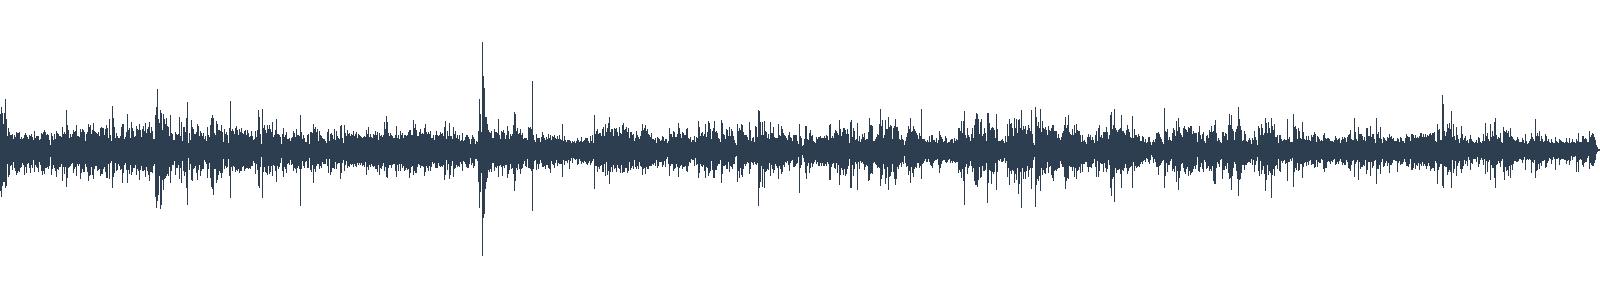 #5 Vánoční audioknižní pohádky waveform